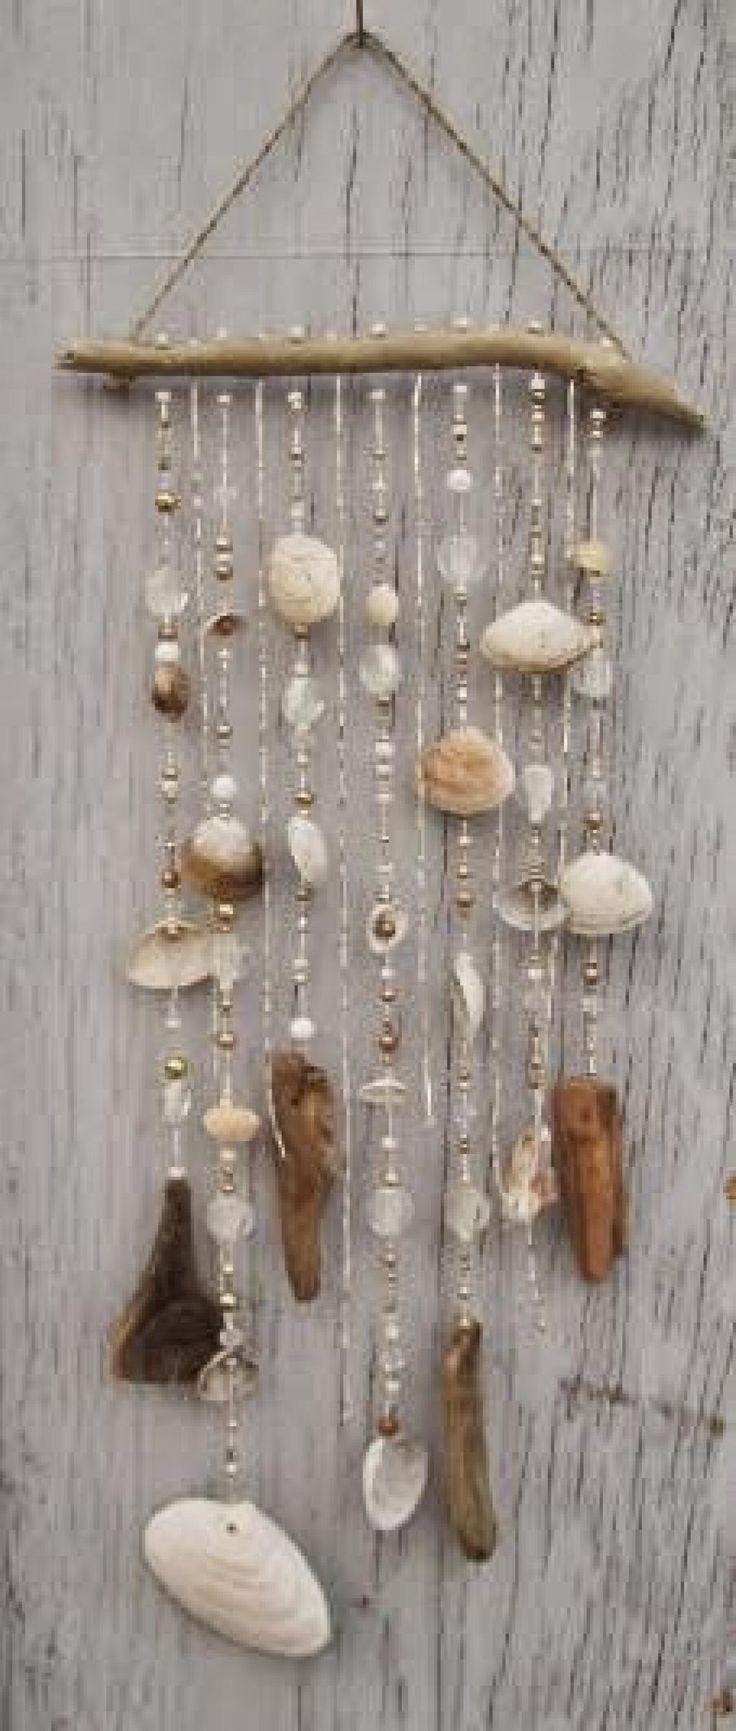 17 meilleures id es propos de d corations de coquillage sur pinterest cr ations avec des - Bricolage avec des coquillages ...